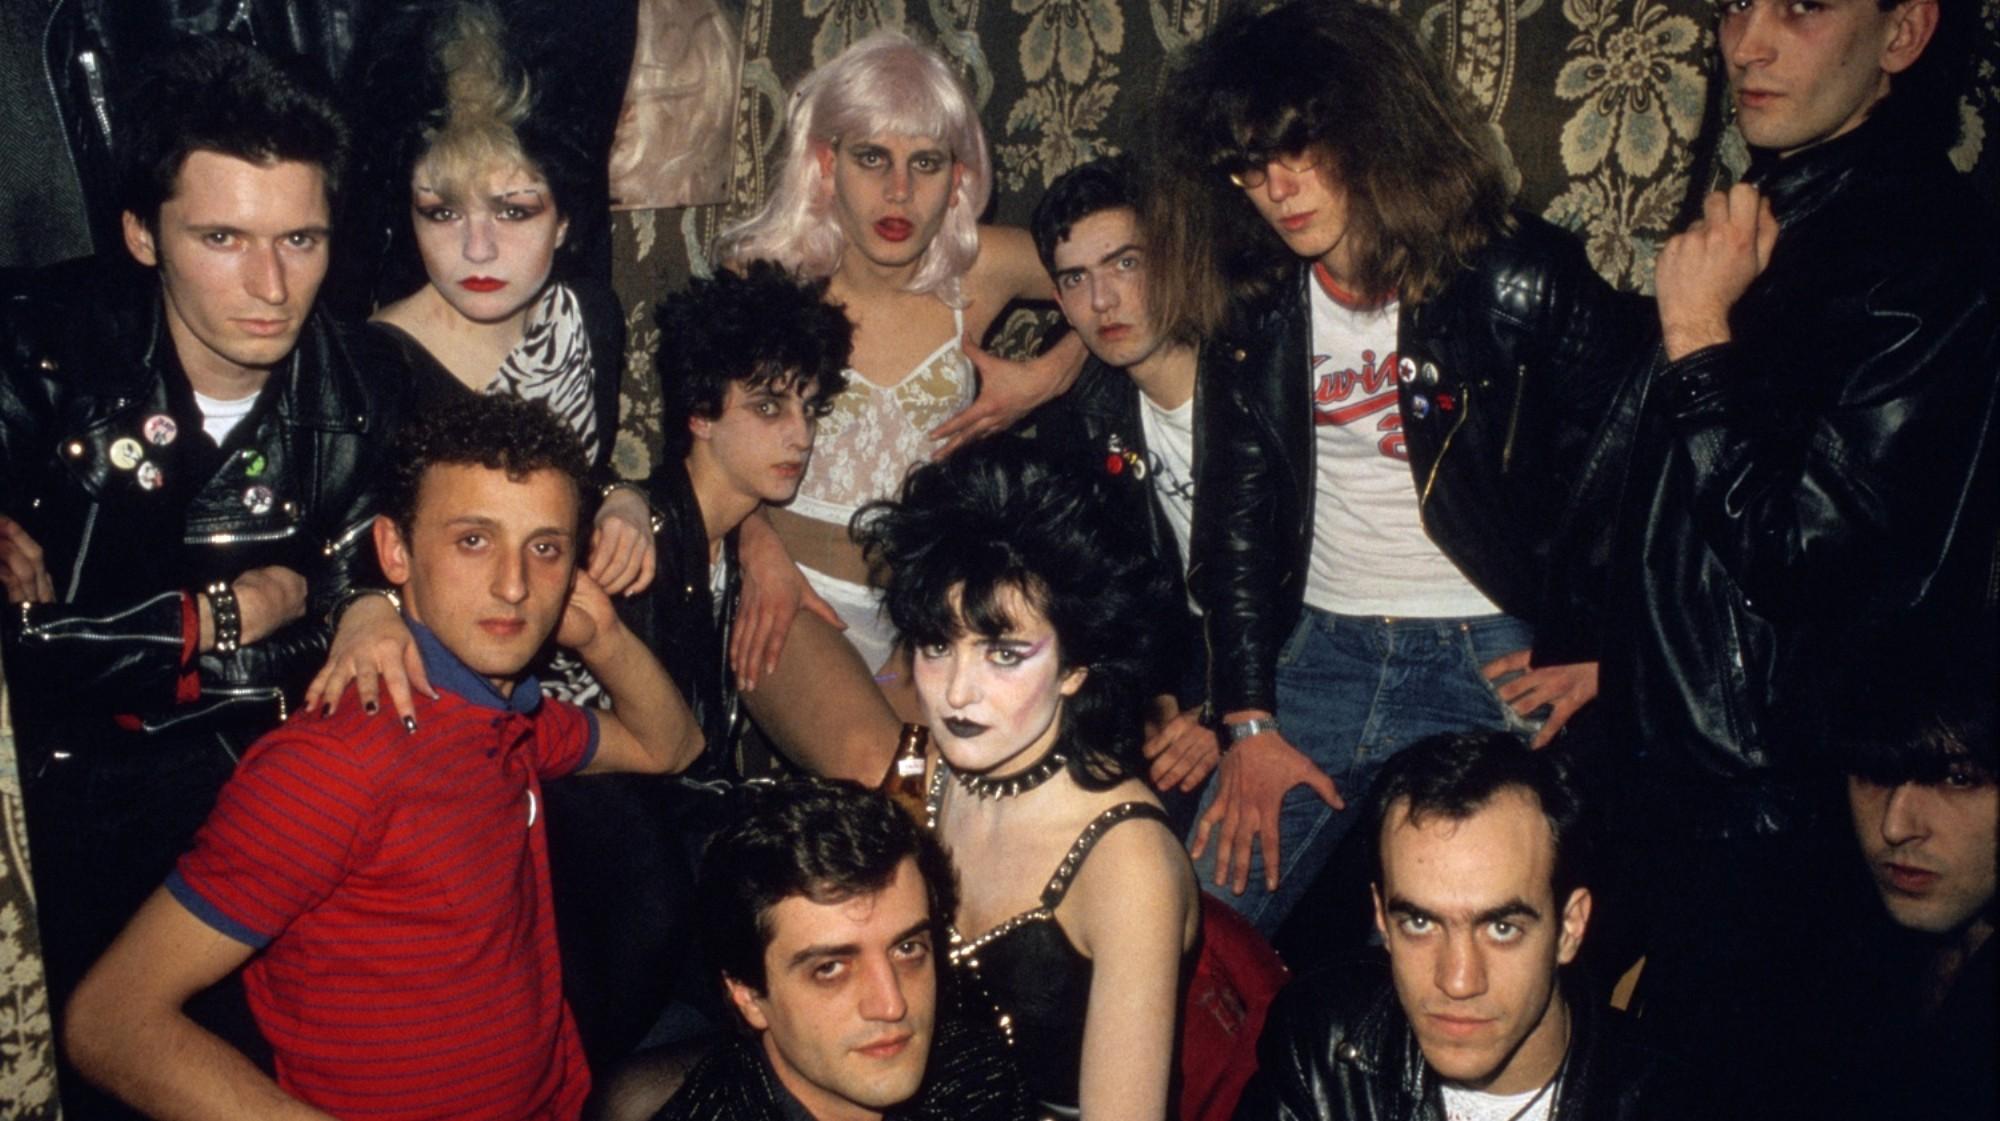 site de rencontre pour les rockers punk blanc culpabilité Interracial rencontres